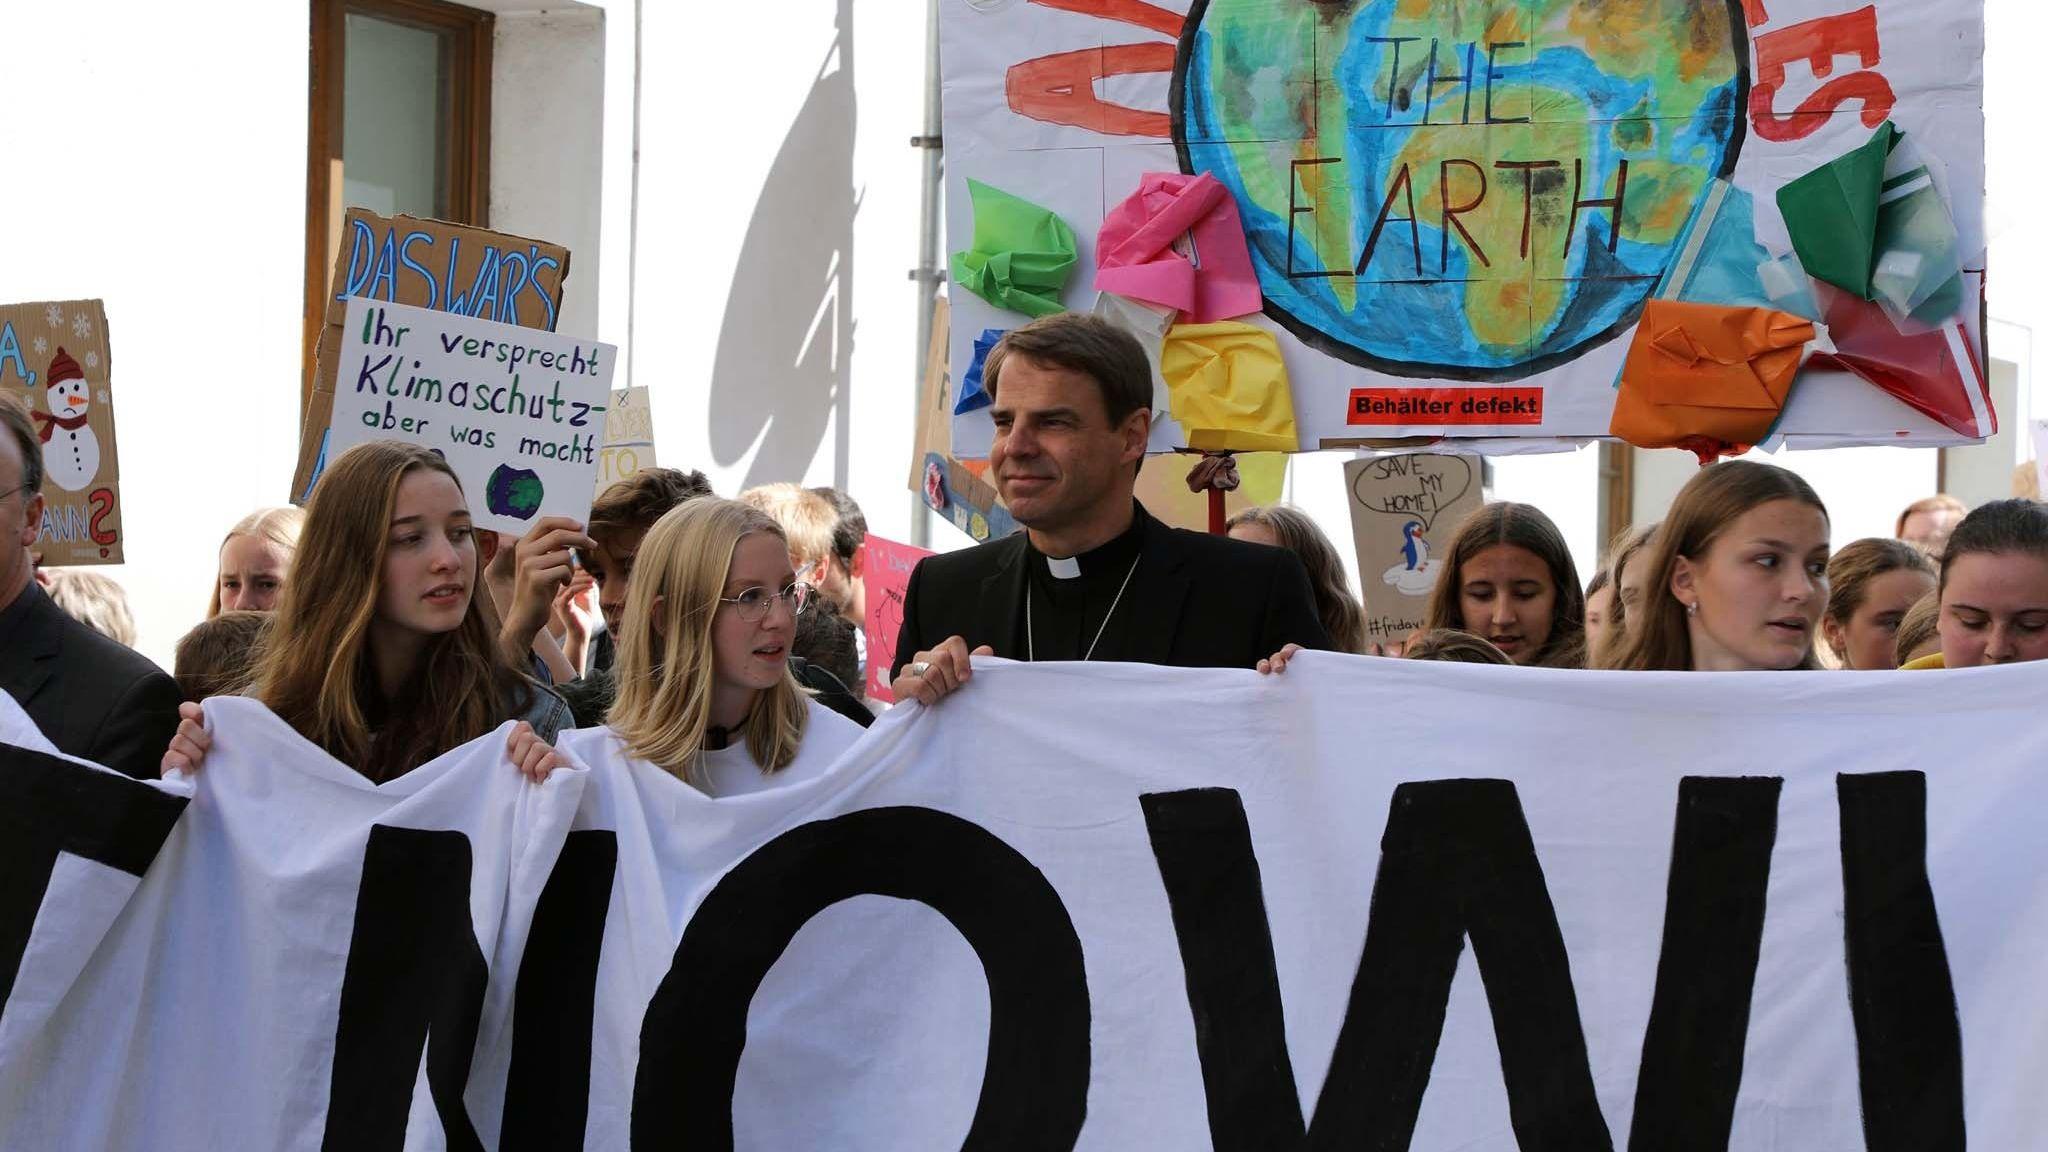 """Bischof Stefan Oster bei der Fridays for Future Demonstration in Passau: """"Beeindruckt von dem, was in unserer Stadt los war!"""""""